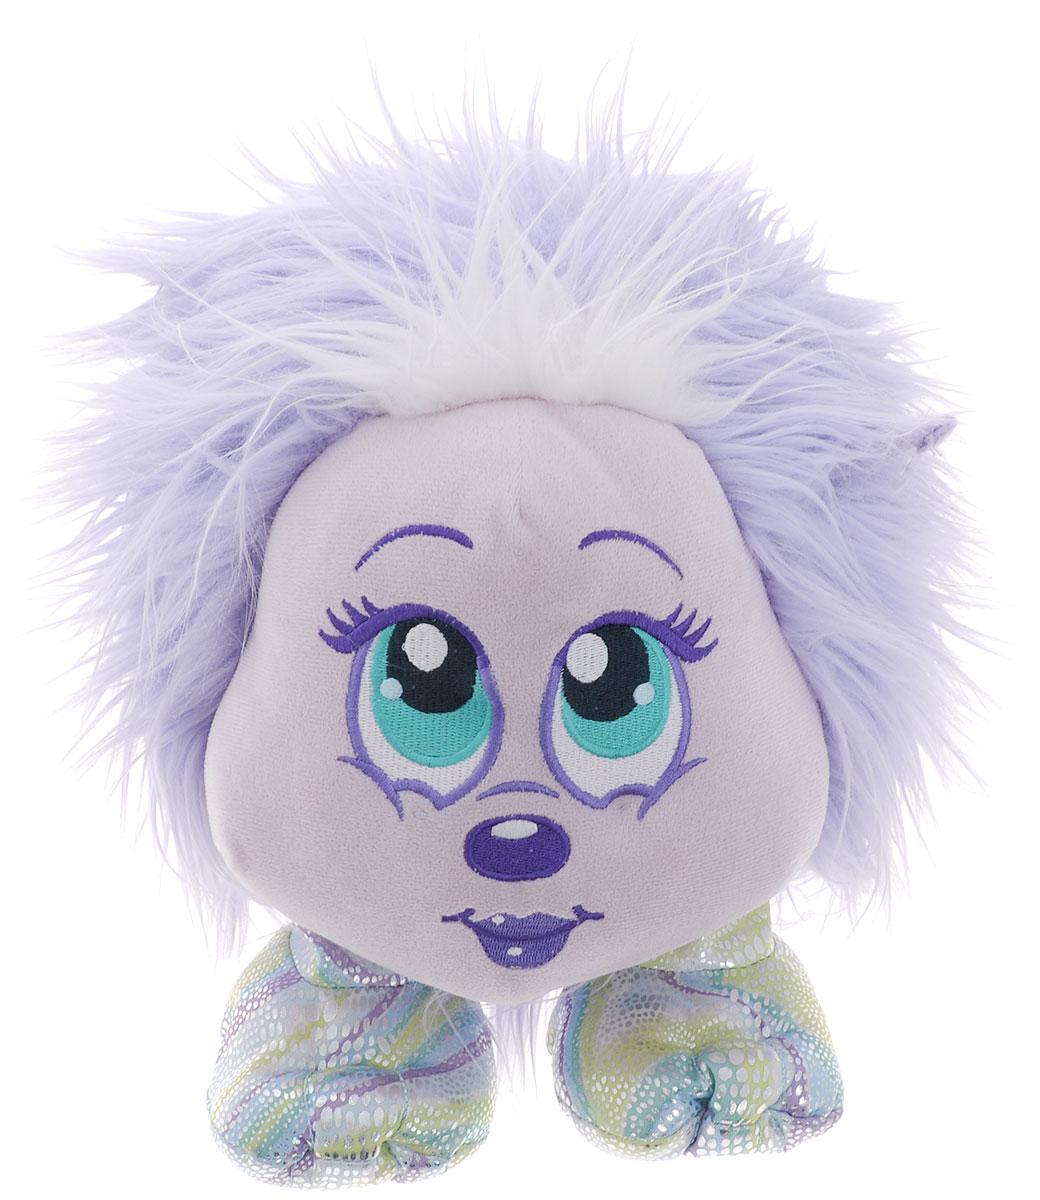 Zuru Мягкая игрушка Big Shnooks цвет сиреневый 23 см203_сиреневыйМягкая игрушка Zuru Big Shnooks привлечет внимание вашей малышки и станет для нее лучшим другом. Shnooks (Шнукс) - забавный плюшевый мохнатик с веселой мордочкой, маленьким носиком, добрыми глазками и пухлыми маленькими лапками. Все зверюшки Shnooks любят, когда их обнимают, гладят, заплетают косички и создают различные прически. Перед использованием игрушку необходимо достать из упаковки и потрясти. Объем волос игрушки сильно увеличится. Такая замечательная игрушка подарит вашей малышке множество часов приятных объятий, а также позволит ей проявить свой парикмахерский талант.